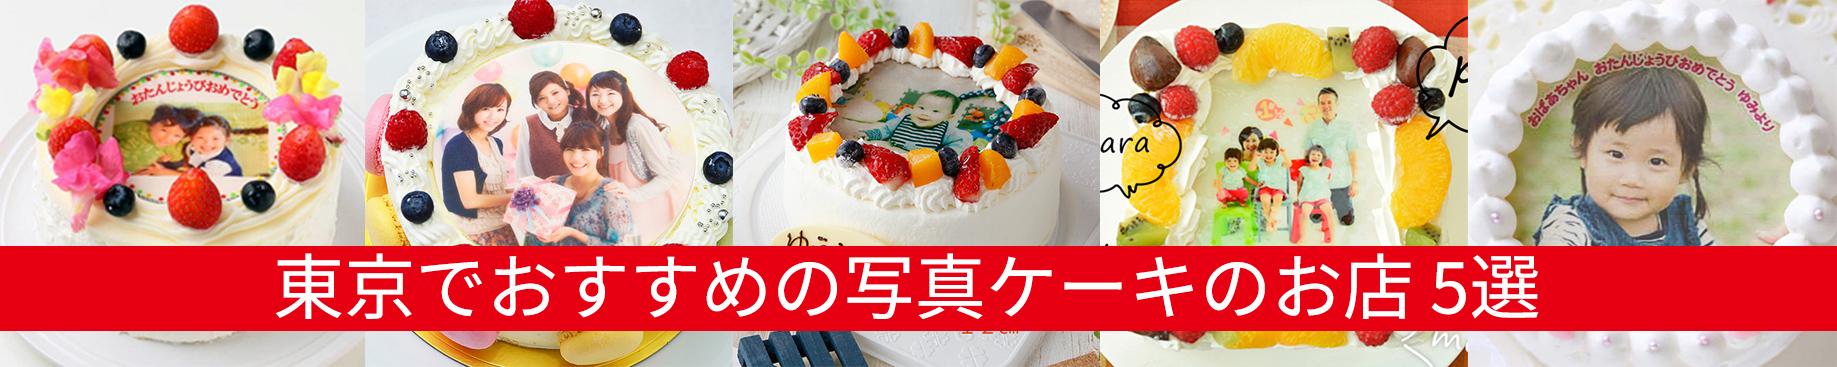 東京で写真ケーキがおすすめのお店